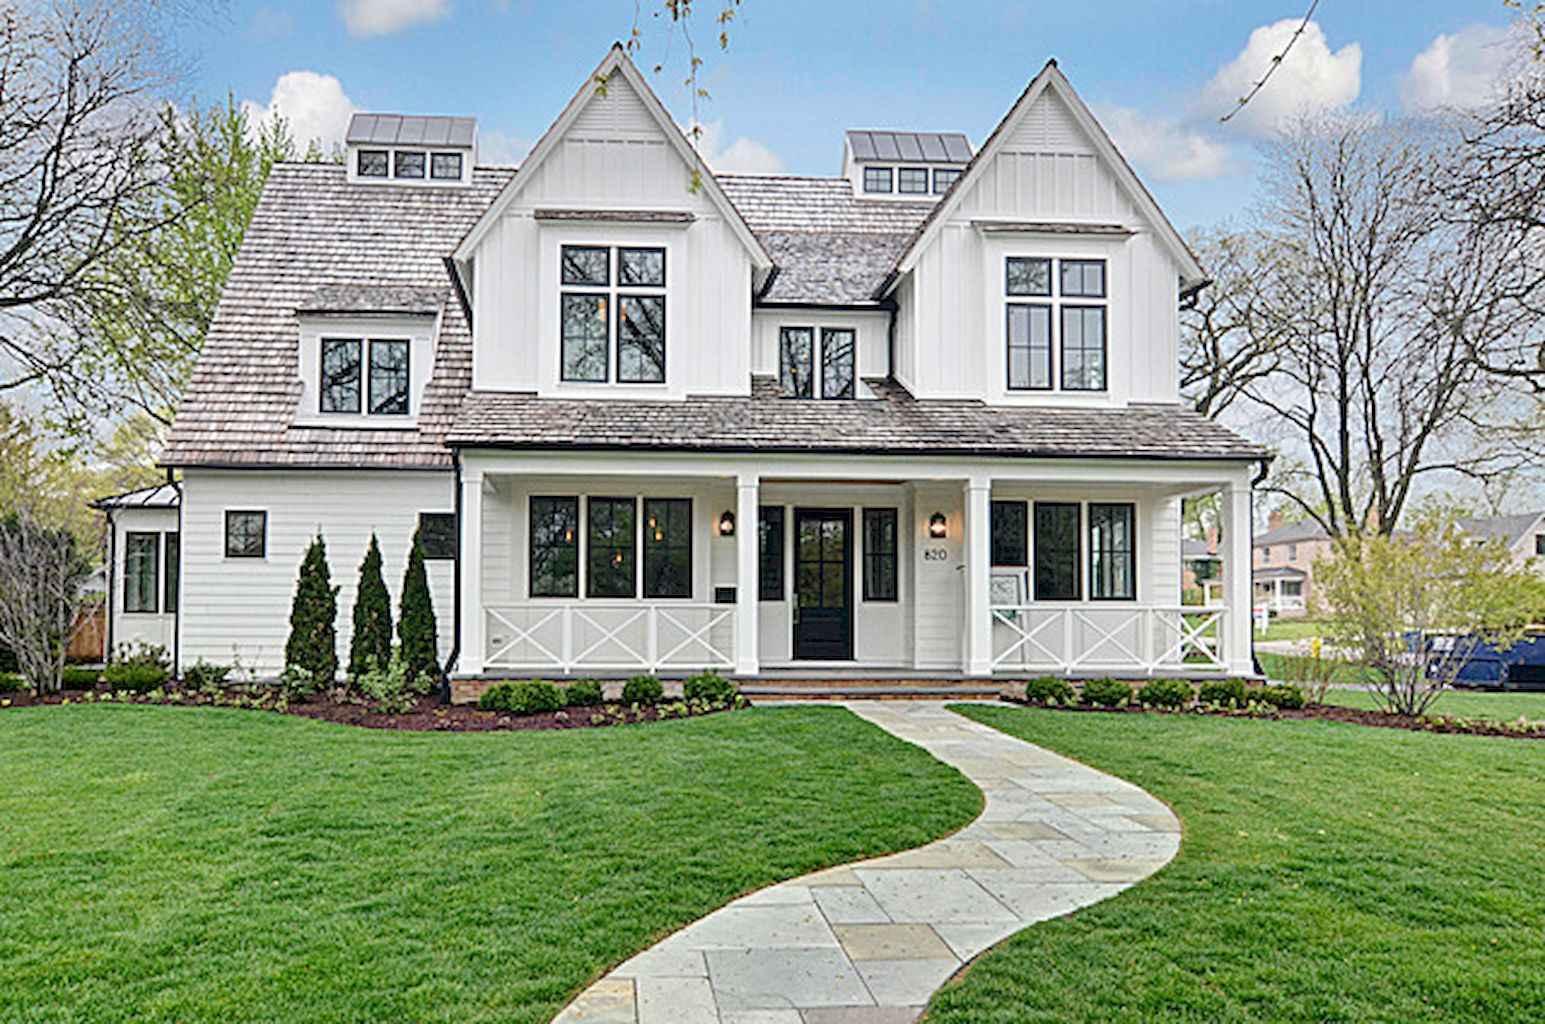 90 Incredible Modern Farmhouse Exterior Design Ideas (62